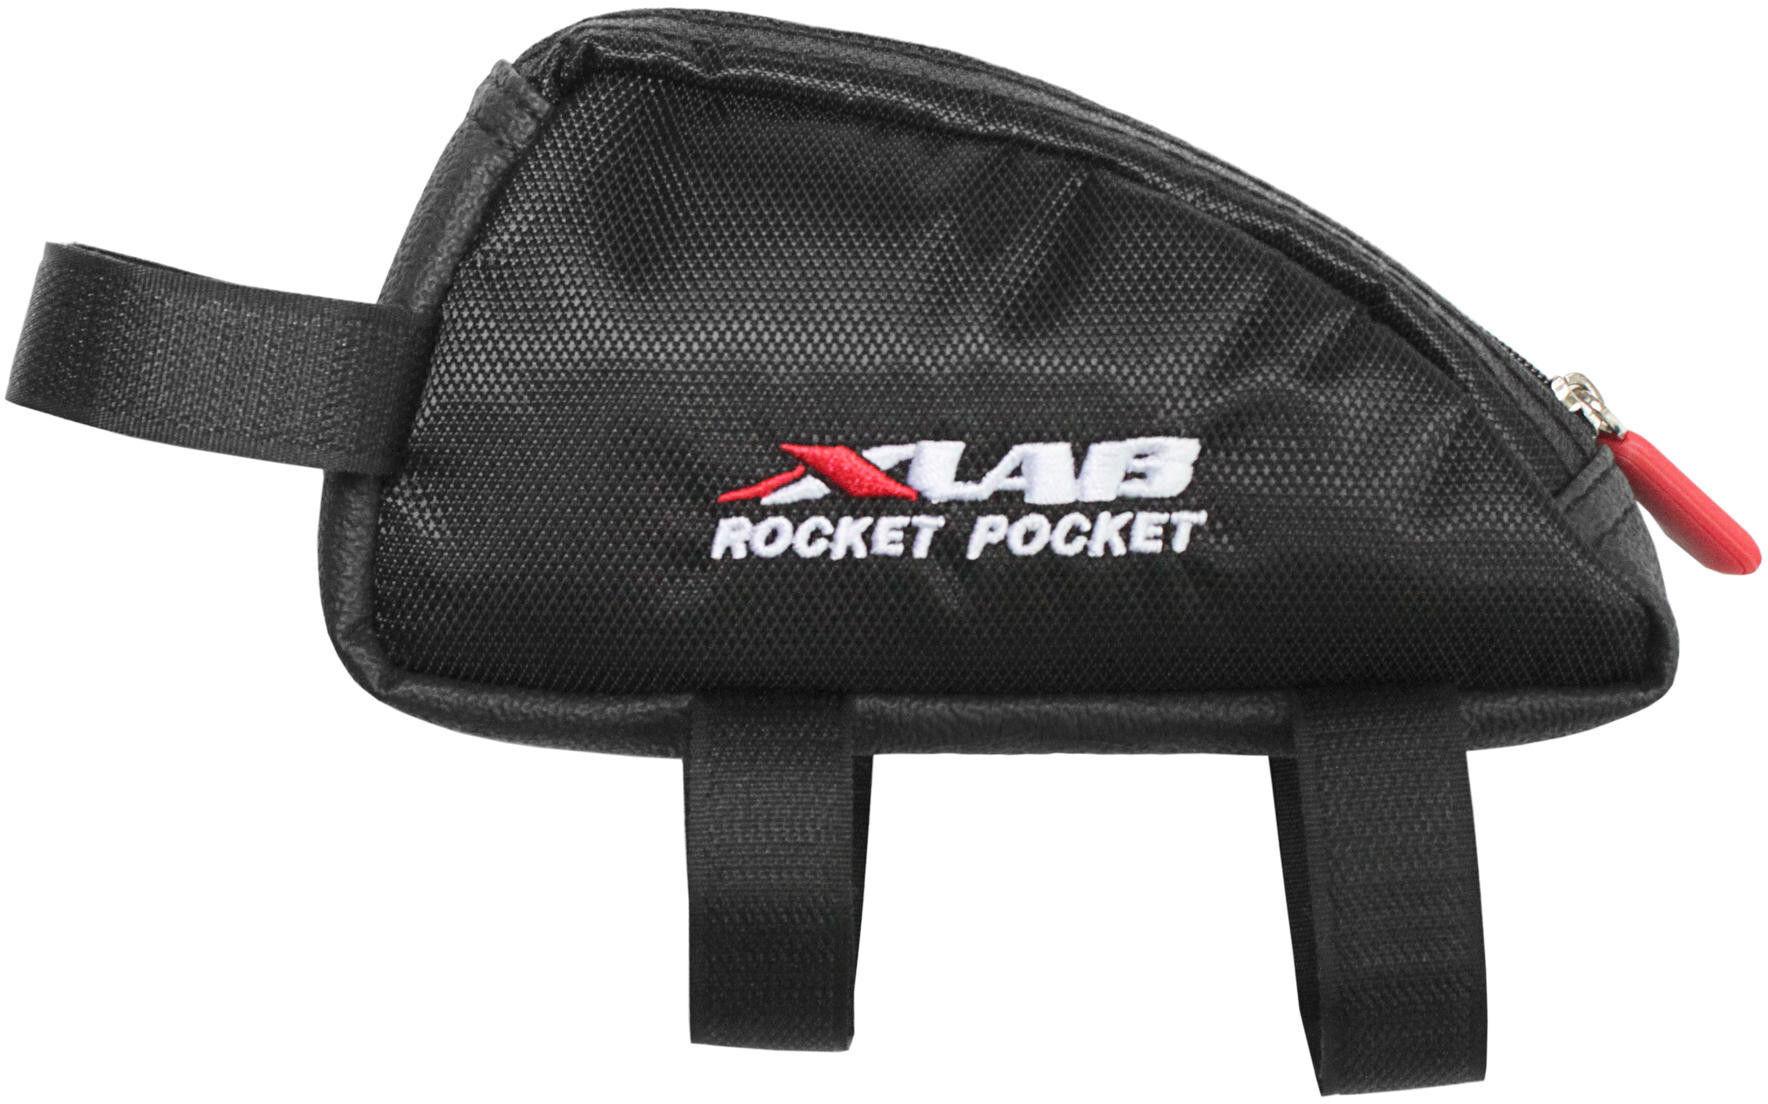 XLAB Rocket Pocket Cykeltaske rød (2019) | Rack bags